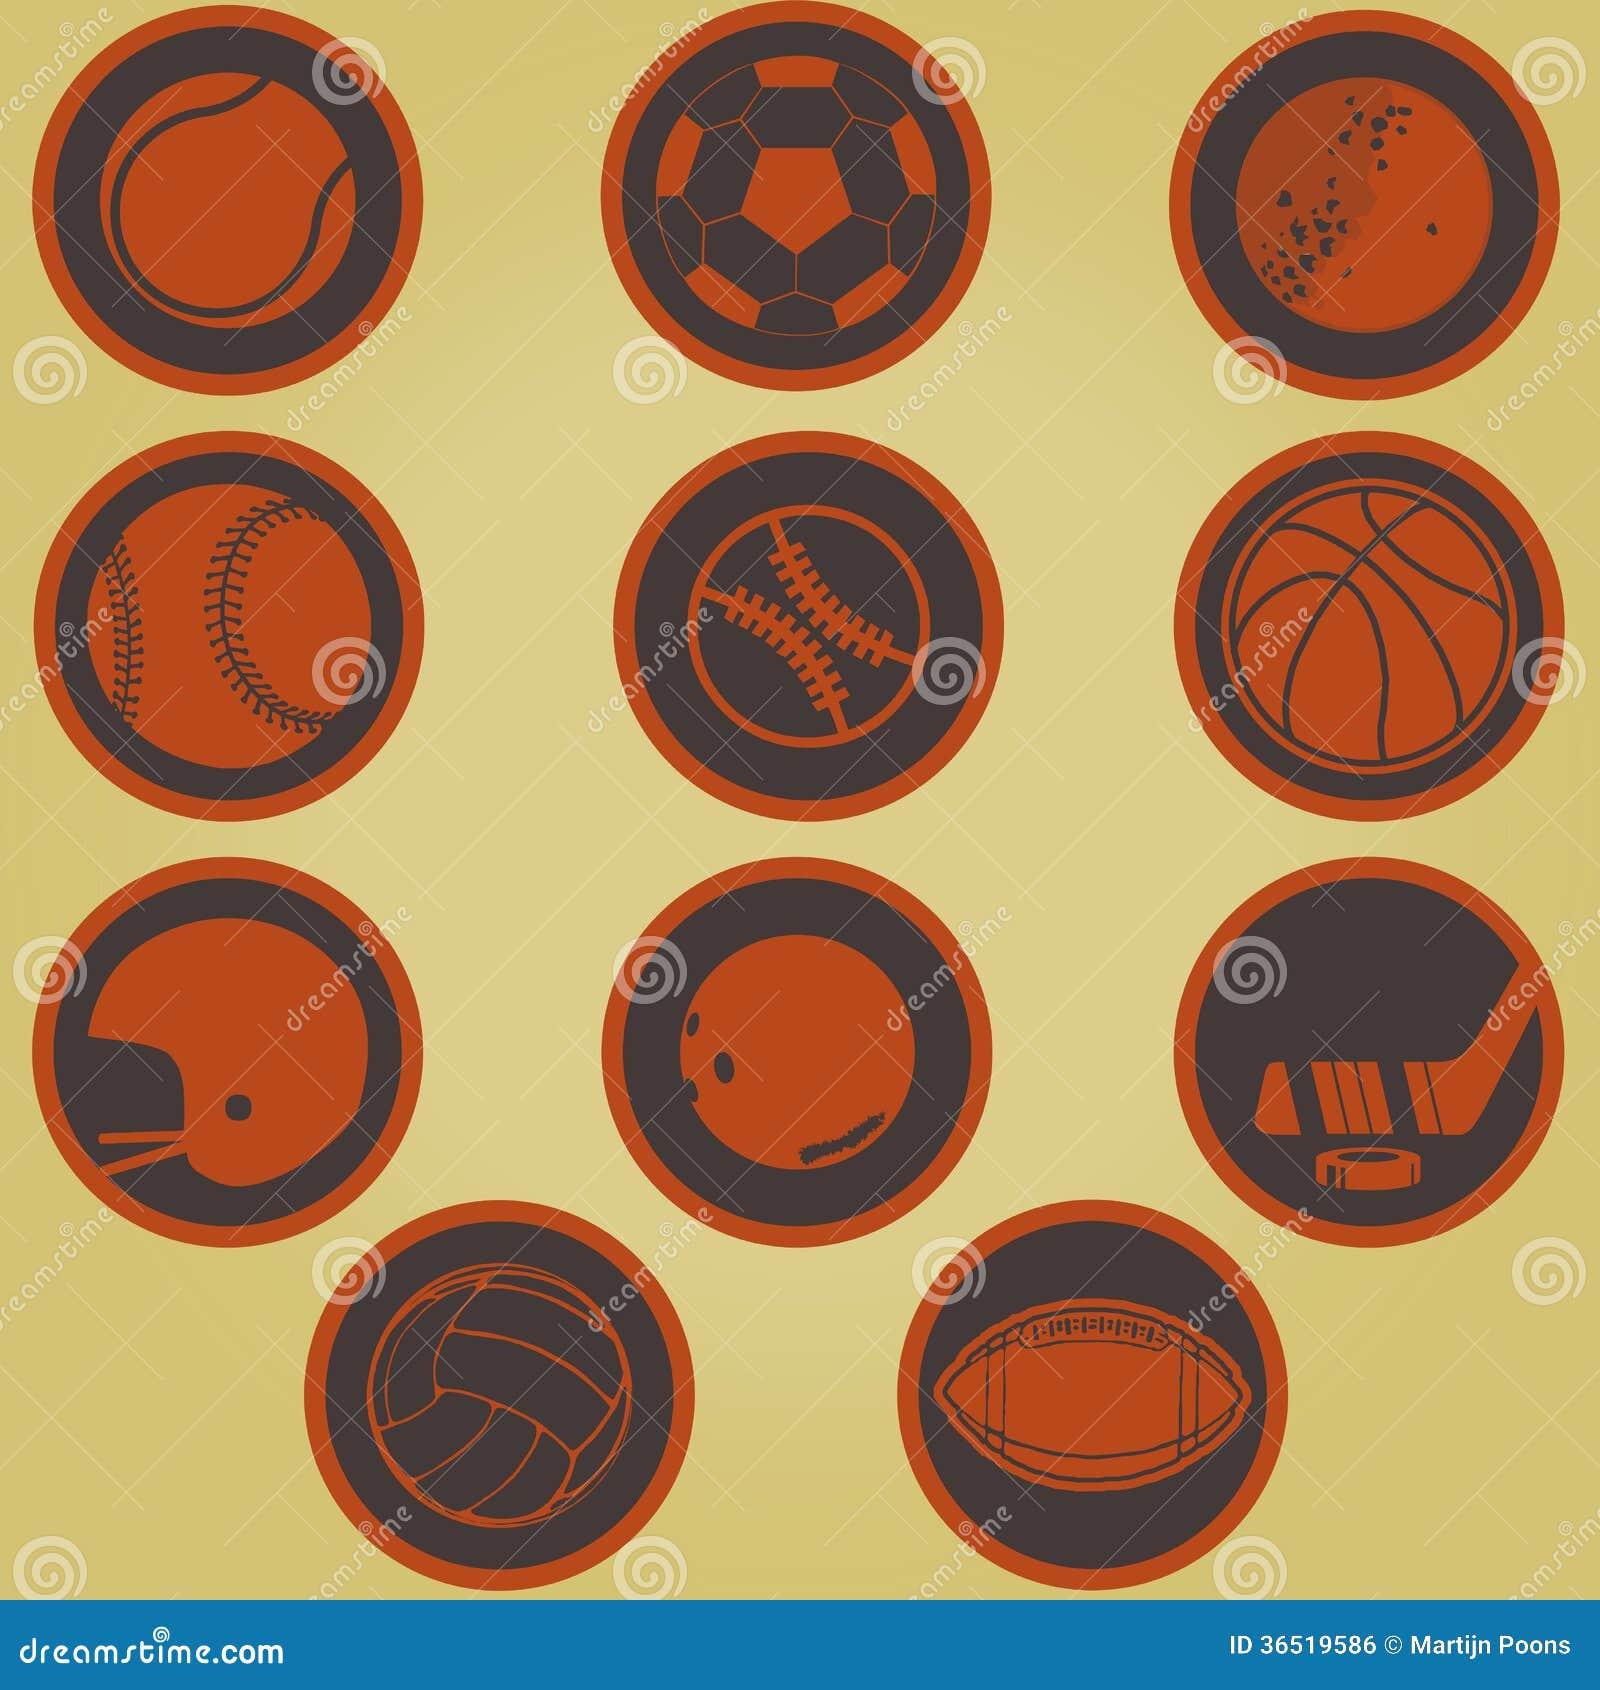 sports symbols royalty free stock image image 36519586